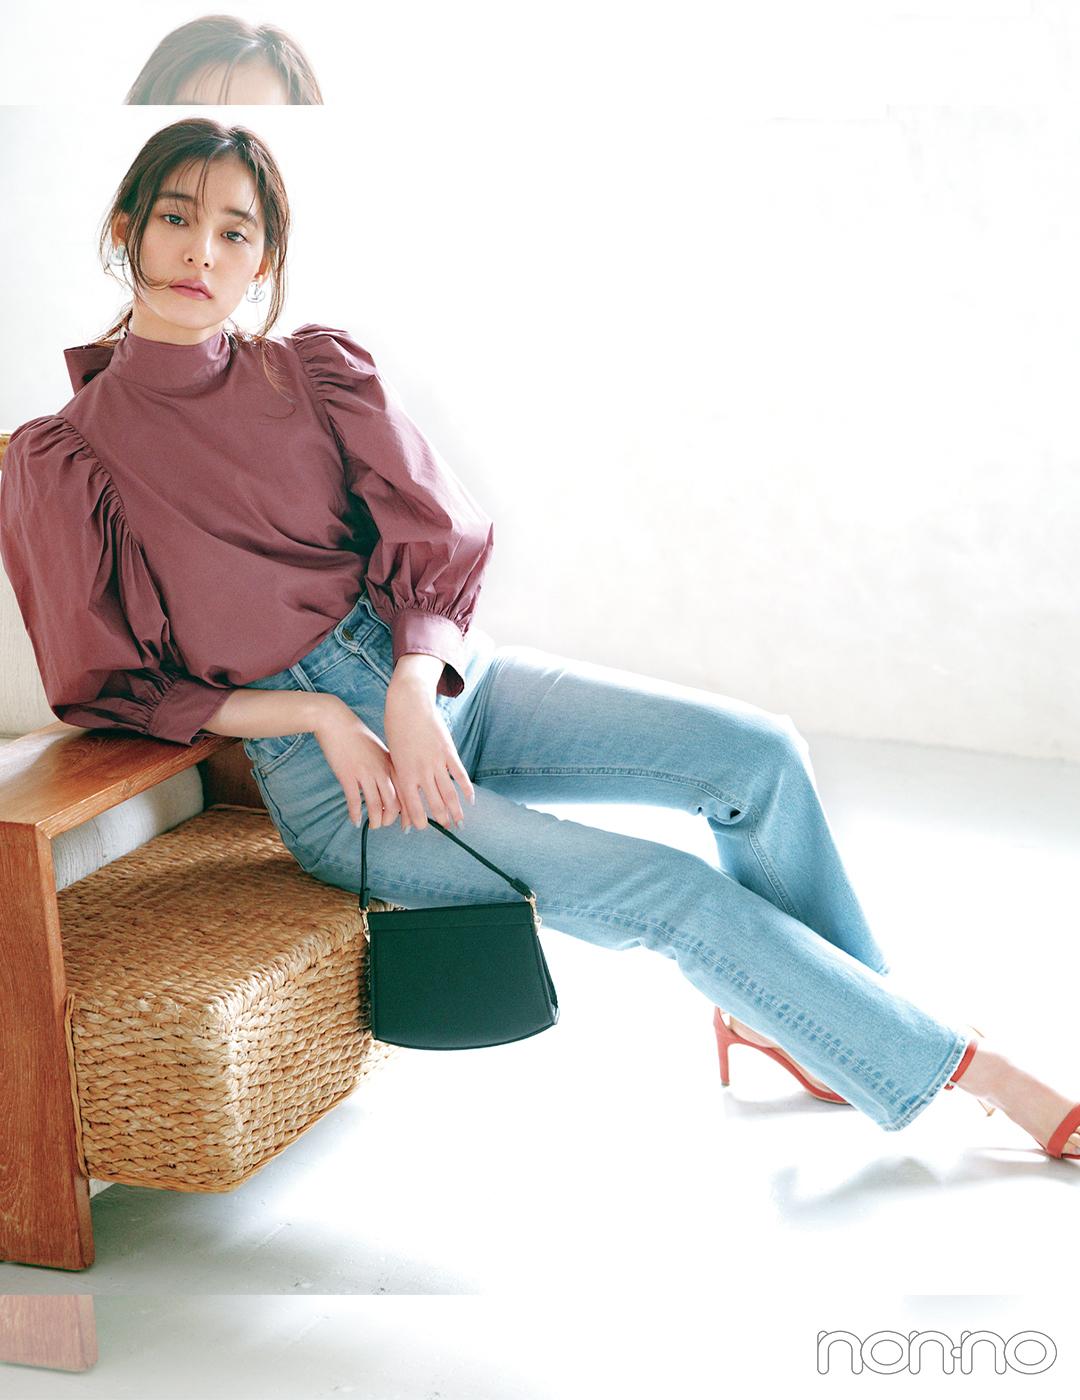 新木優子はパフスリーブブラウスでクラシカルな装いを満喫【大学生の毎日コーデ】